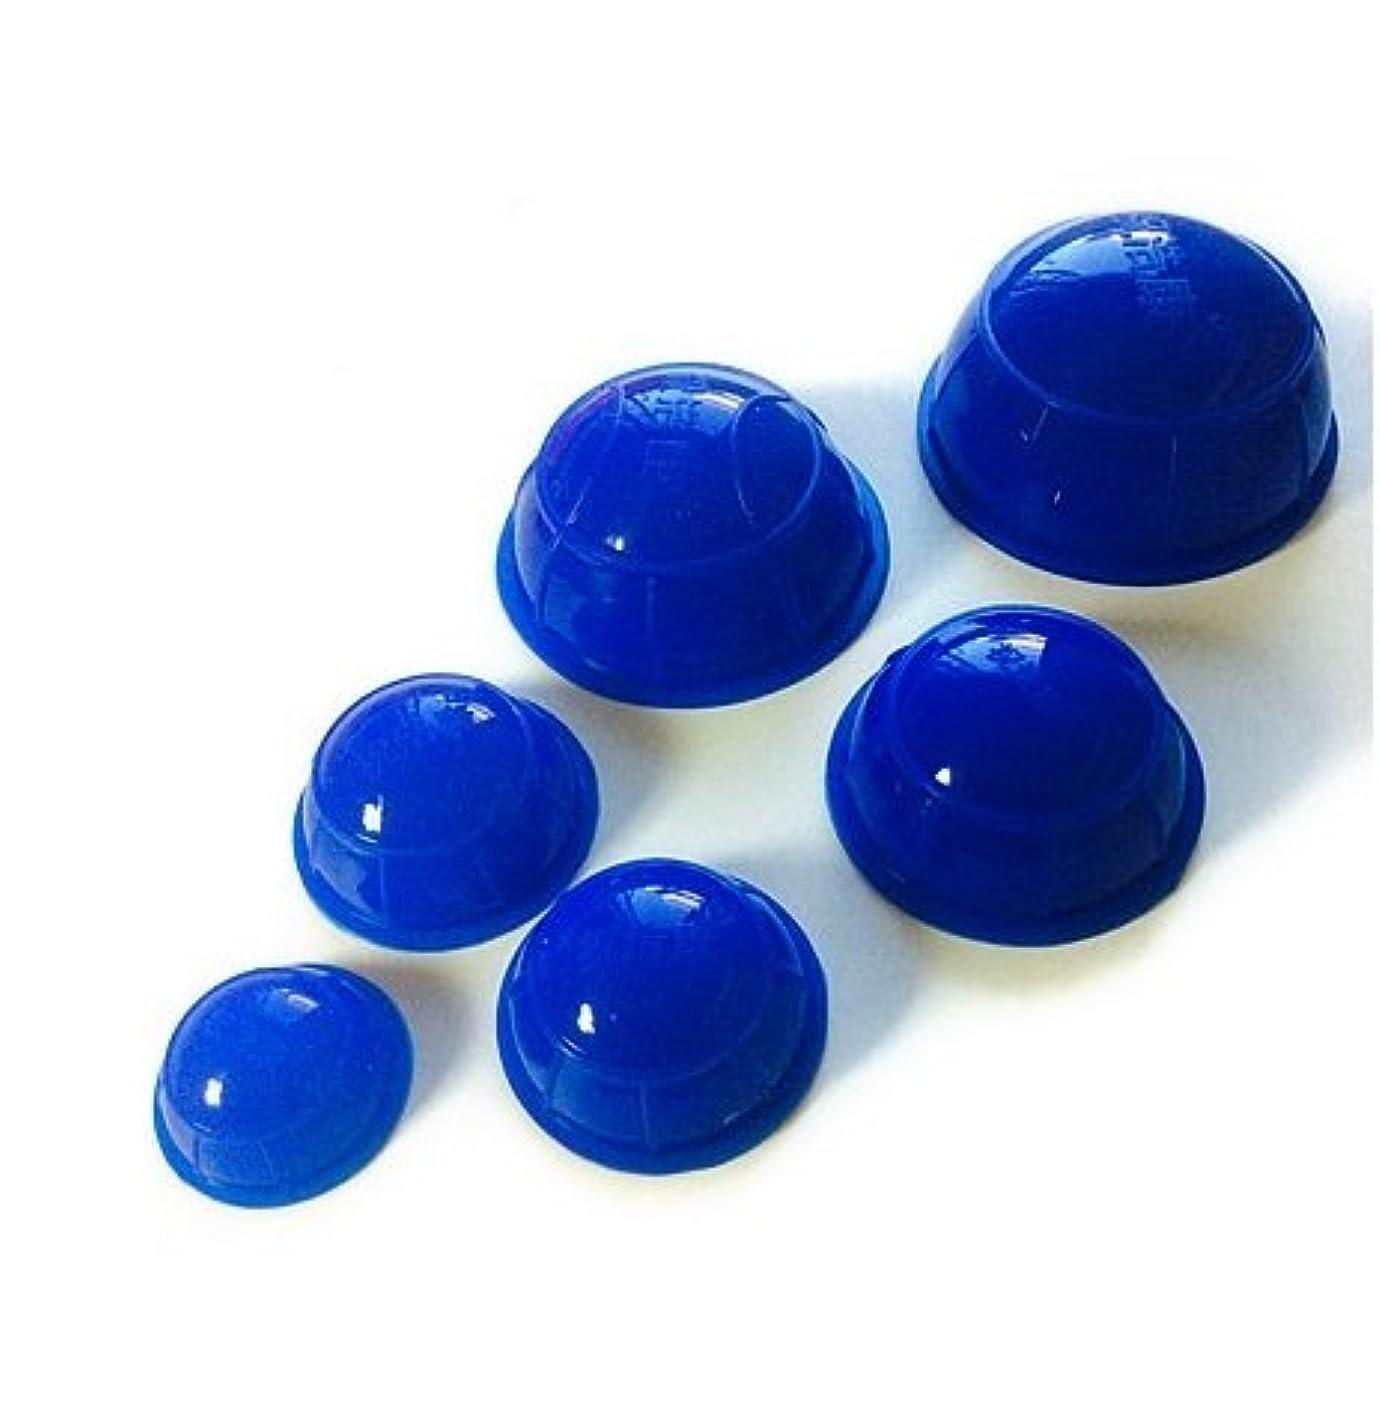 半径礼拝靴下簡易 吸い玉6個セット ブルー 大中小5種類の大きさ